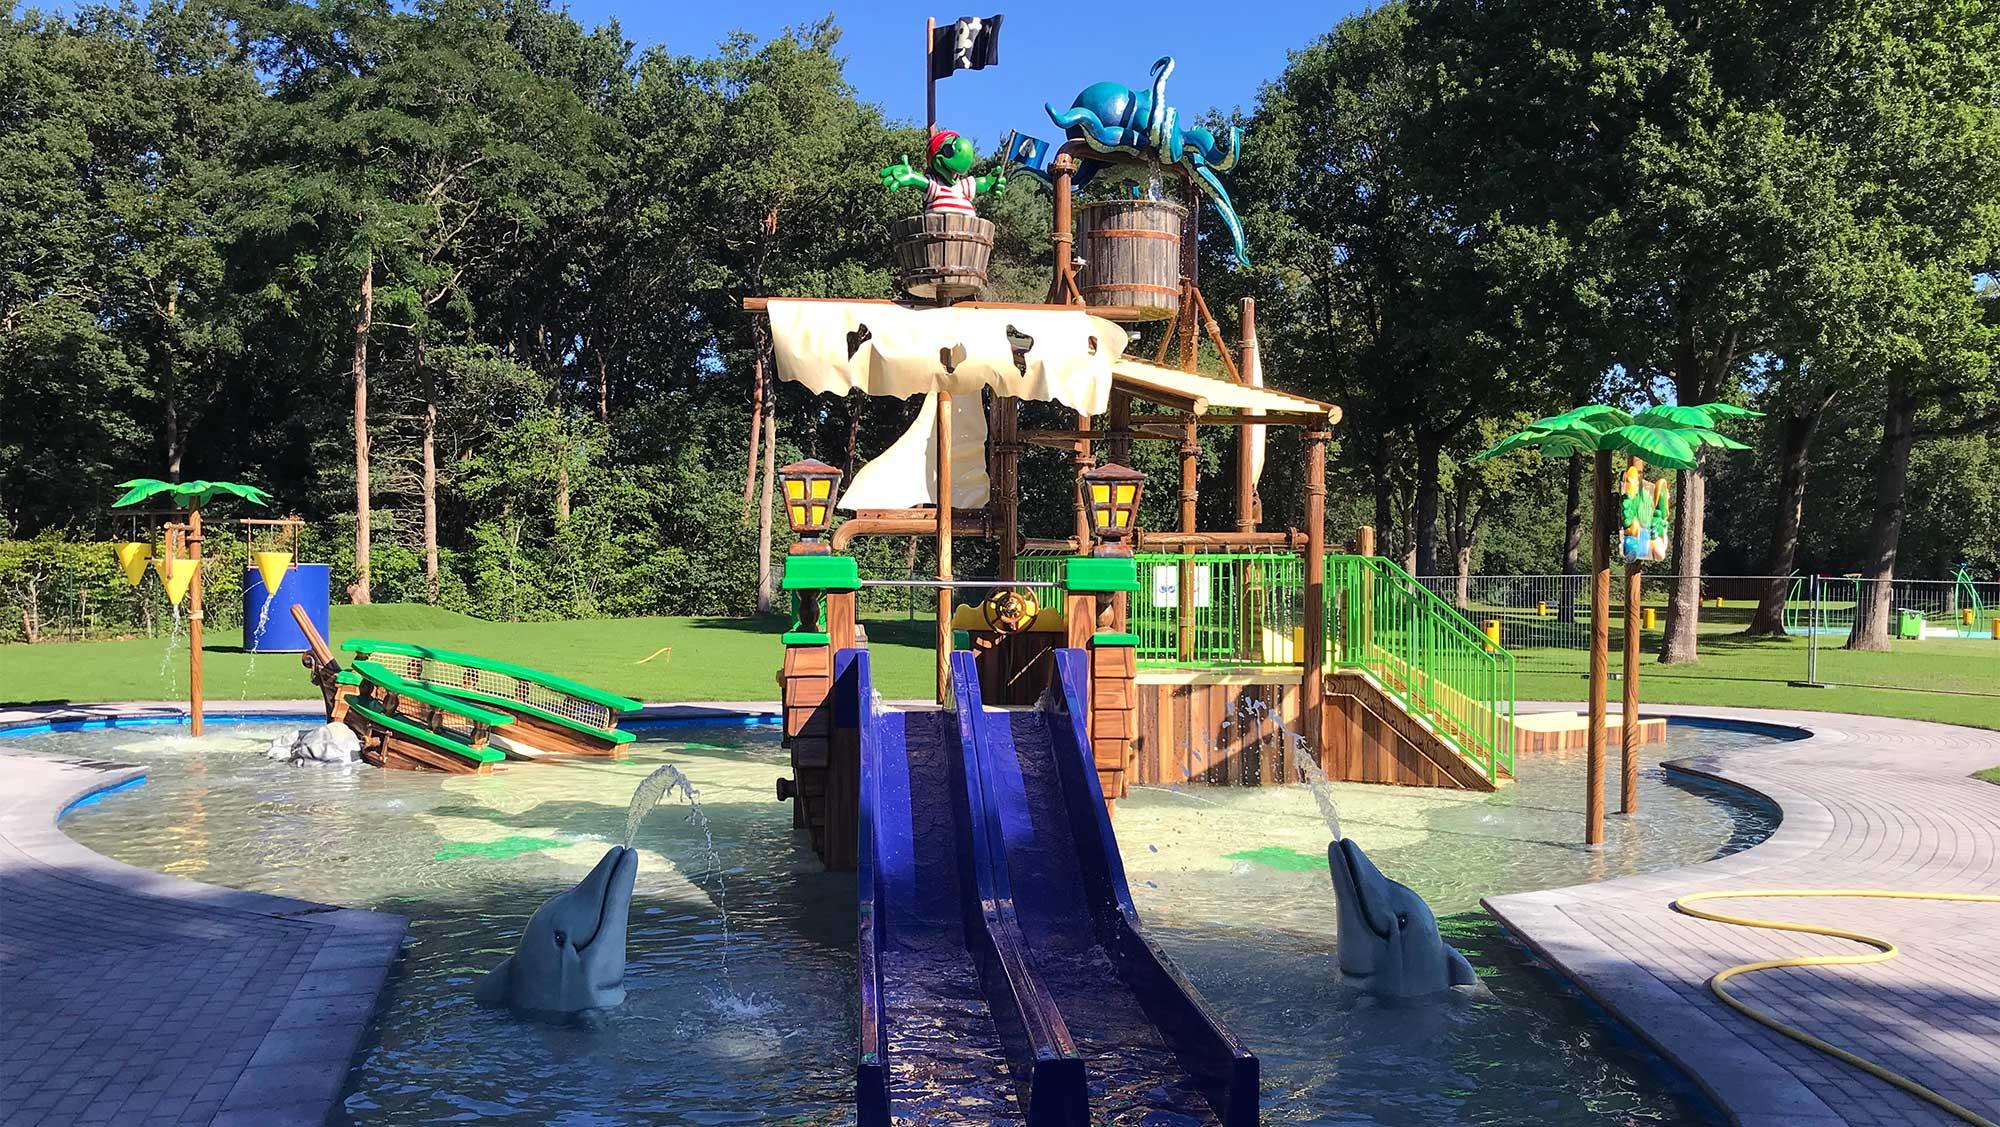 Waterspeelpark Splesj Molecaten Park Bosbad Hoeven Turtle Island 01